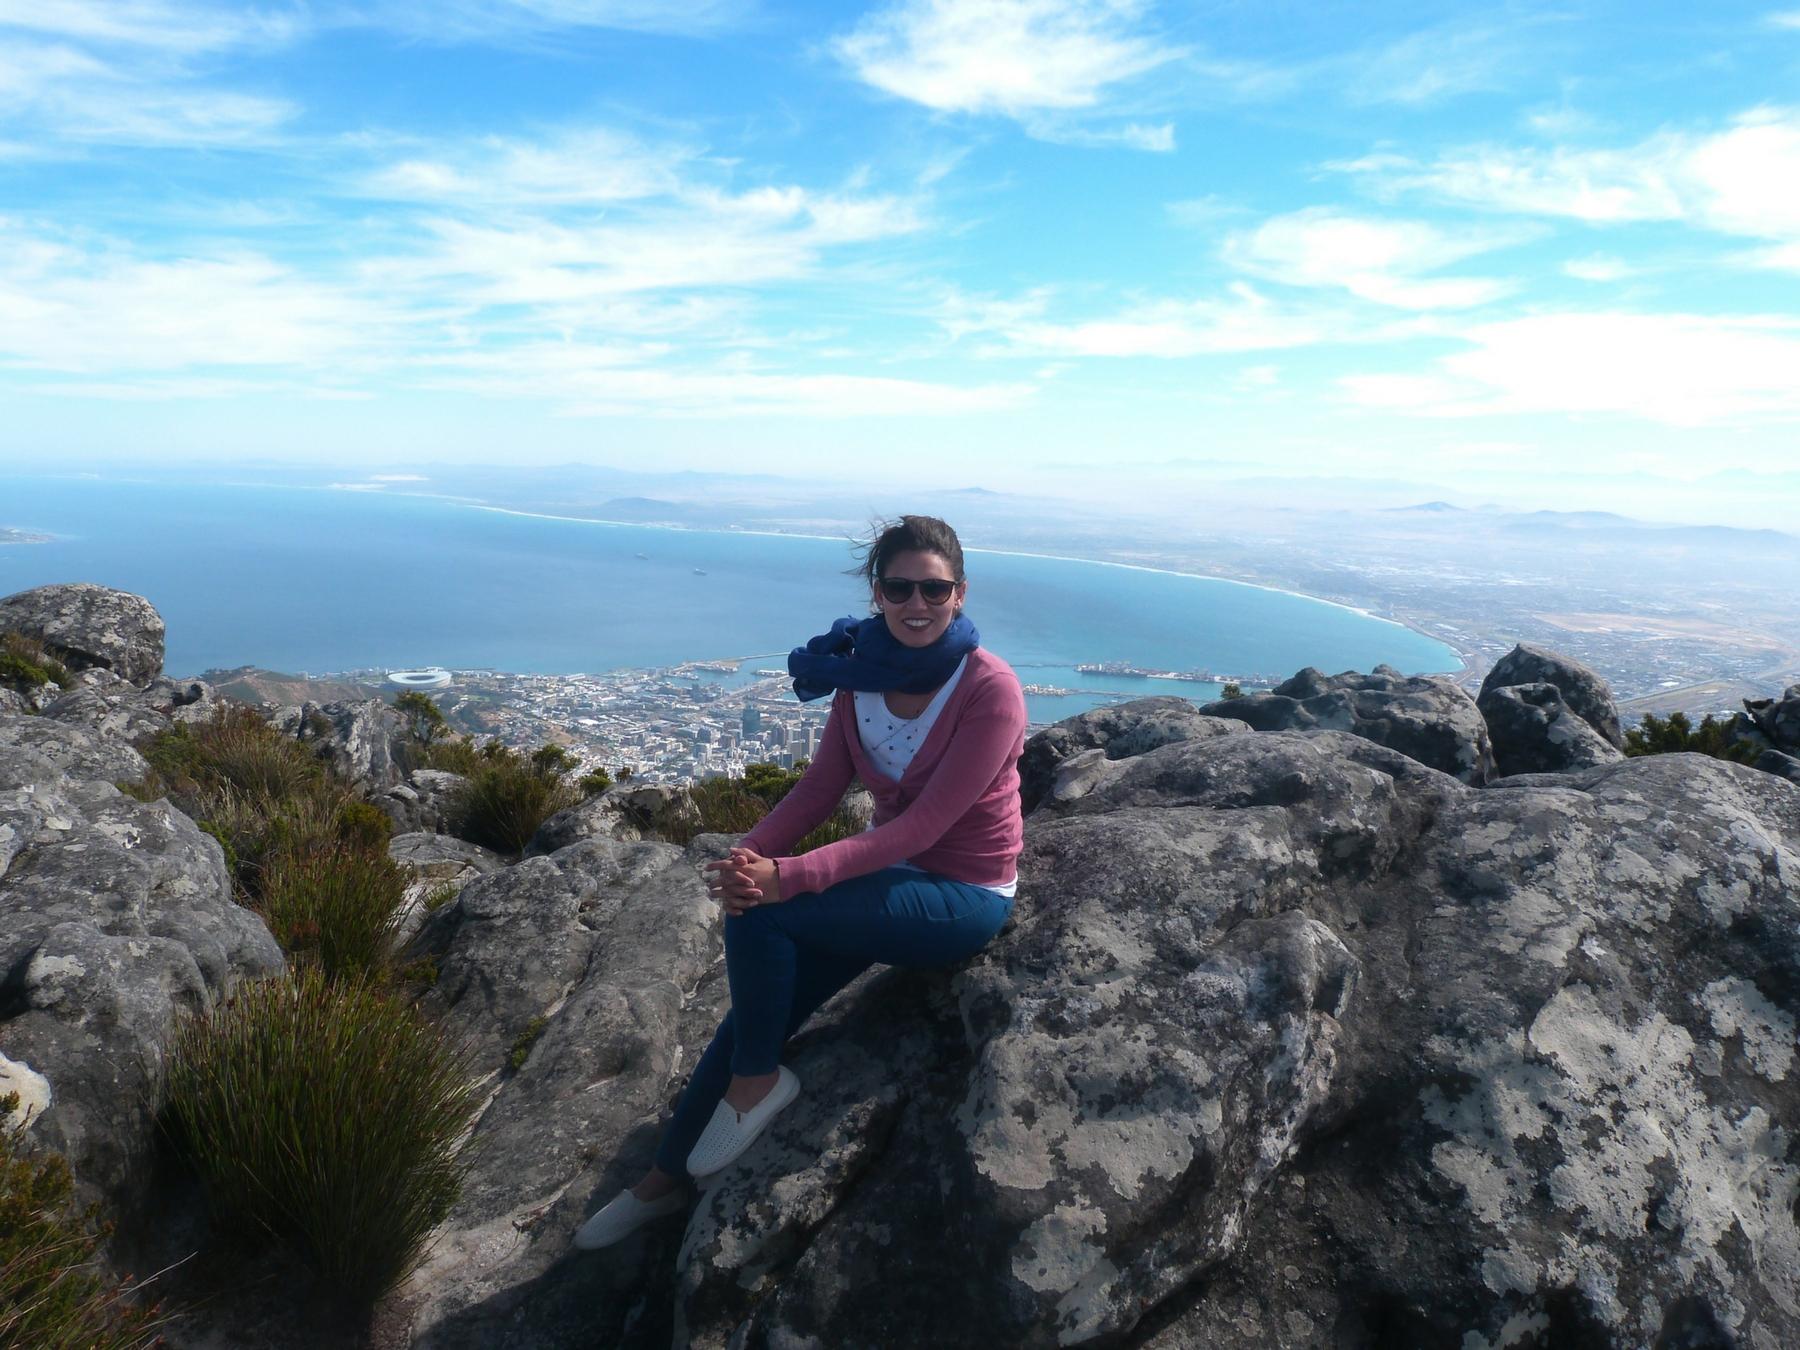 Roteiro-Cidade-do-Cabo-4-a-7-dias-menu Roteiro Cidade do Cabo 4 a 7 dias (Sensacional)!